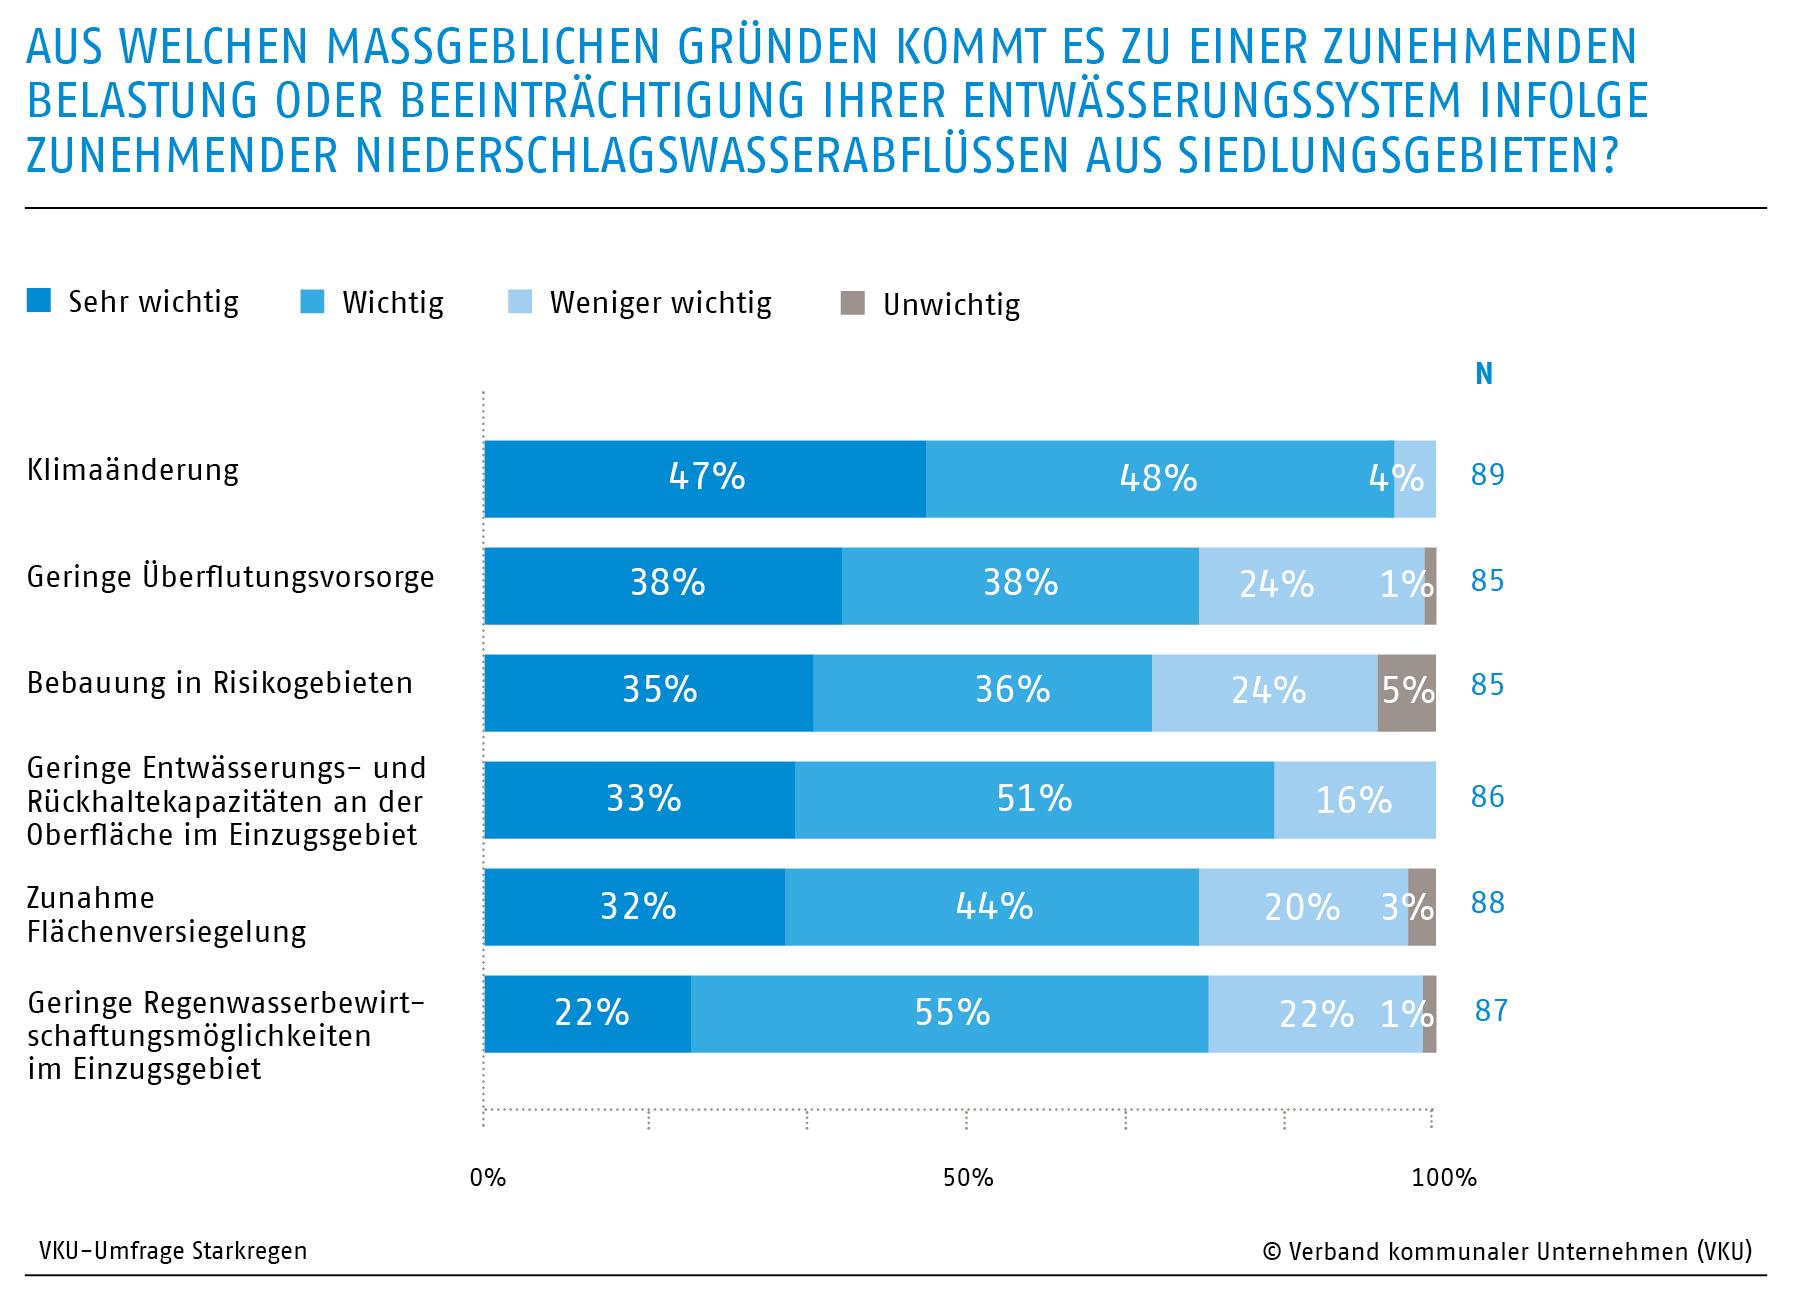 Umfrage zu Gründen zunehmender Belastung der Entwässerungssysteme